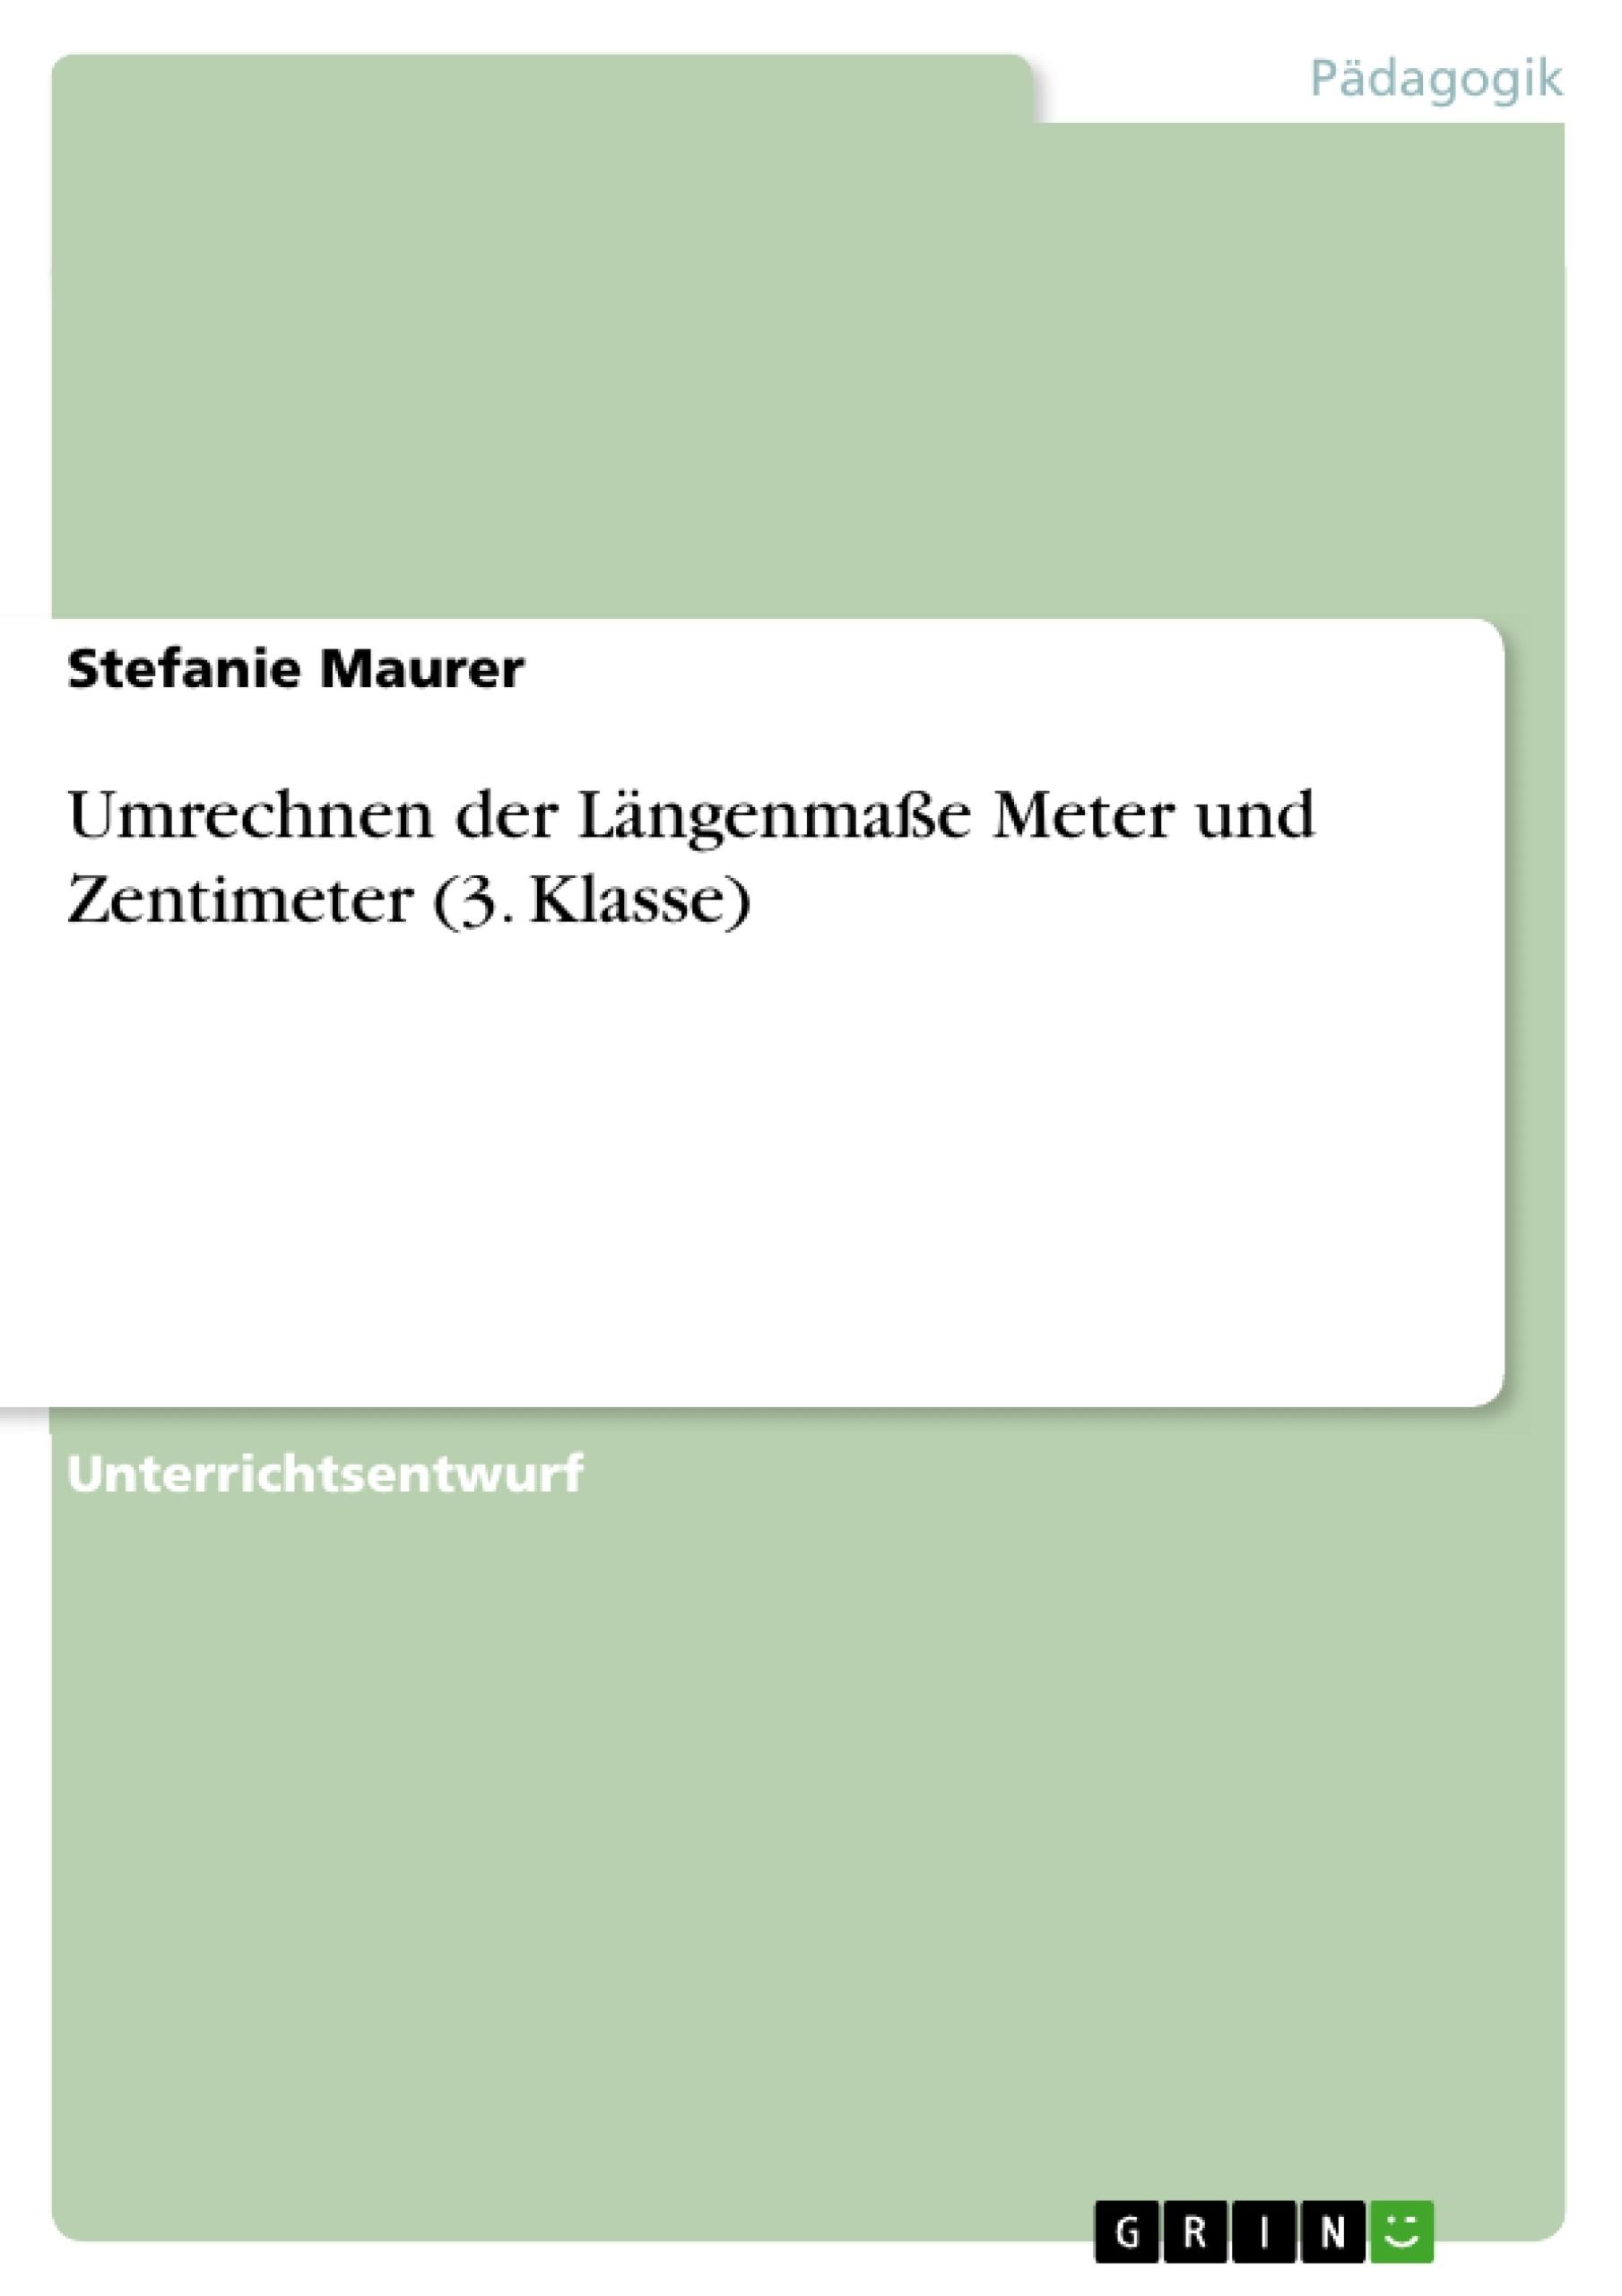 Umrechnen der Längenmaße Meter und Zentimeter (3. Klasse ...